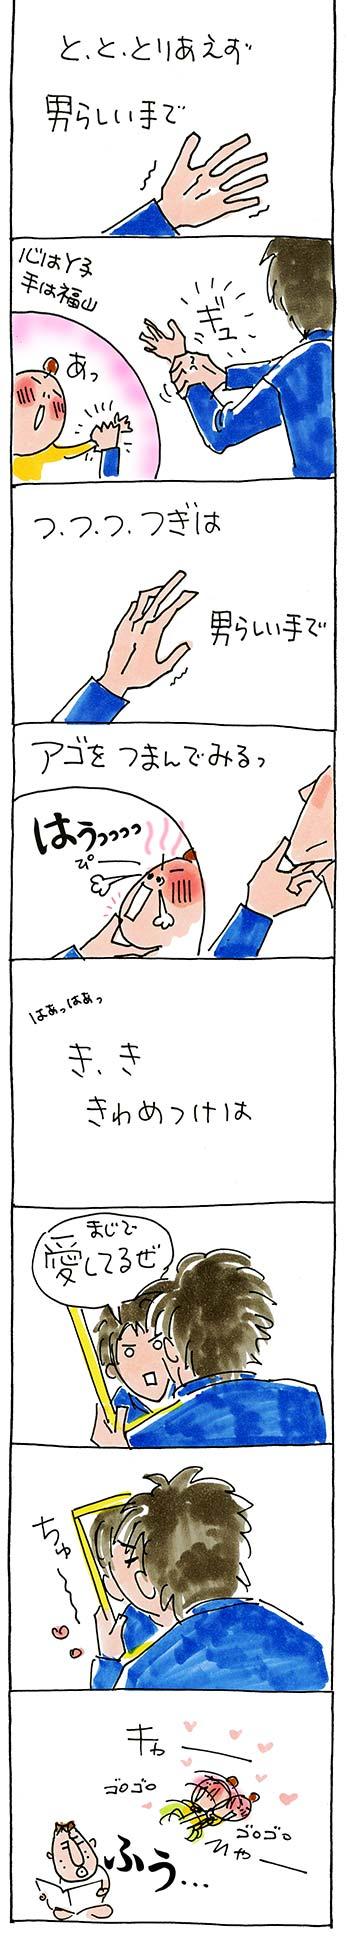 151021福山入れ替わり02